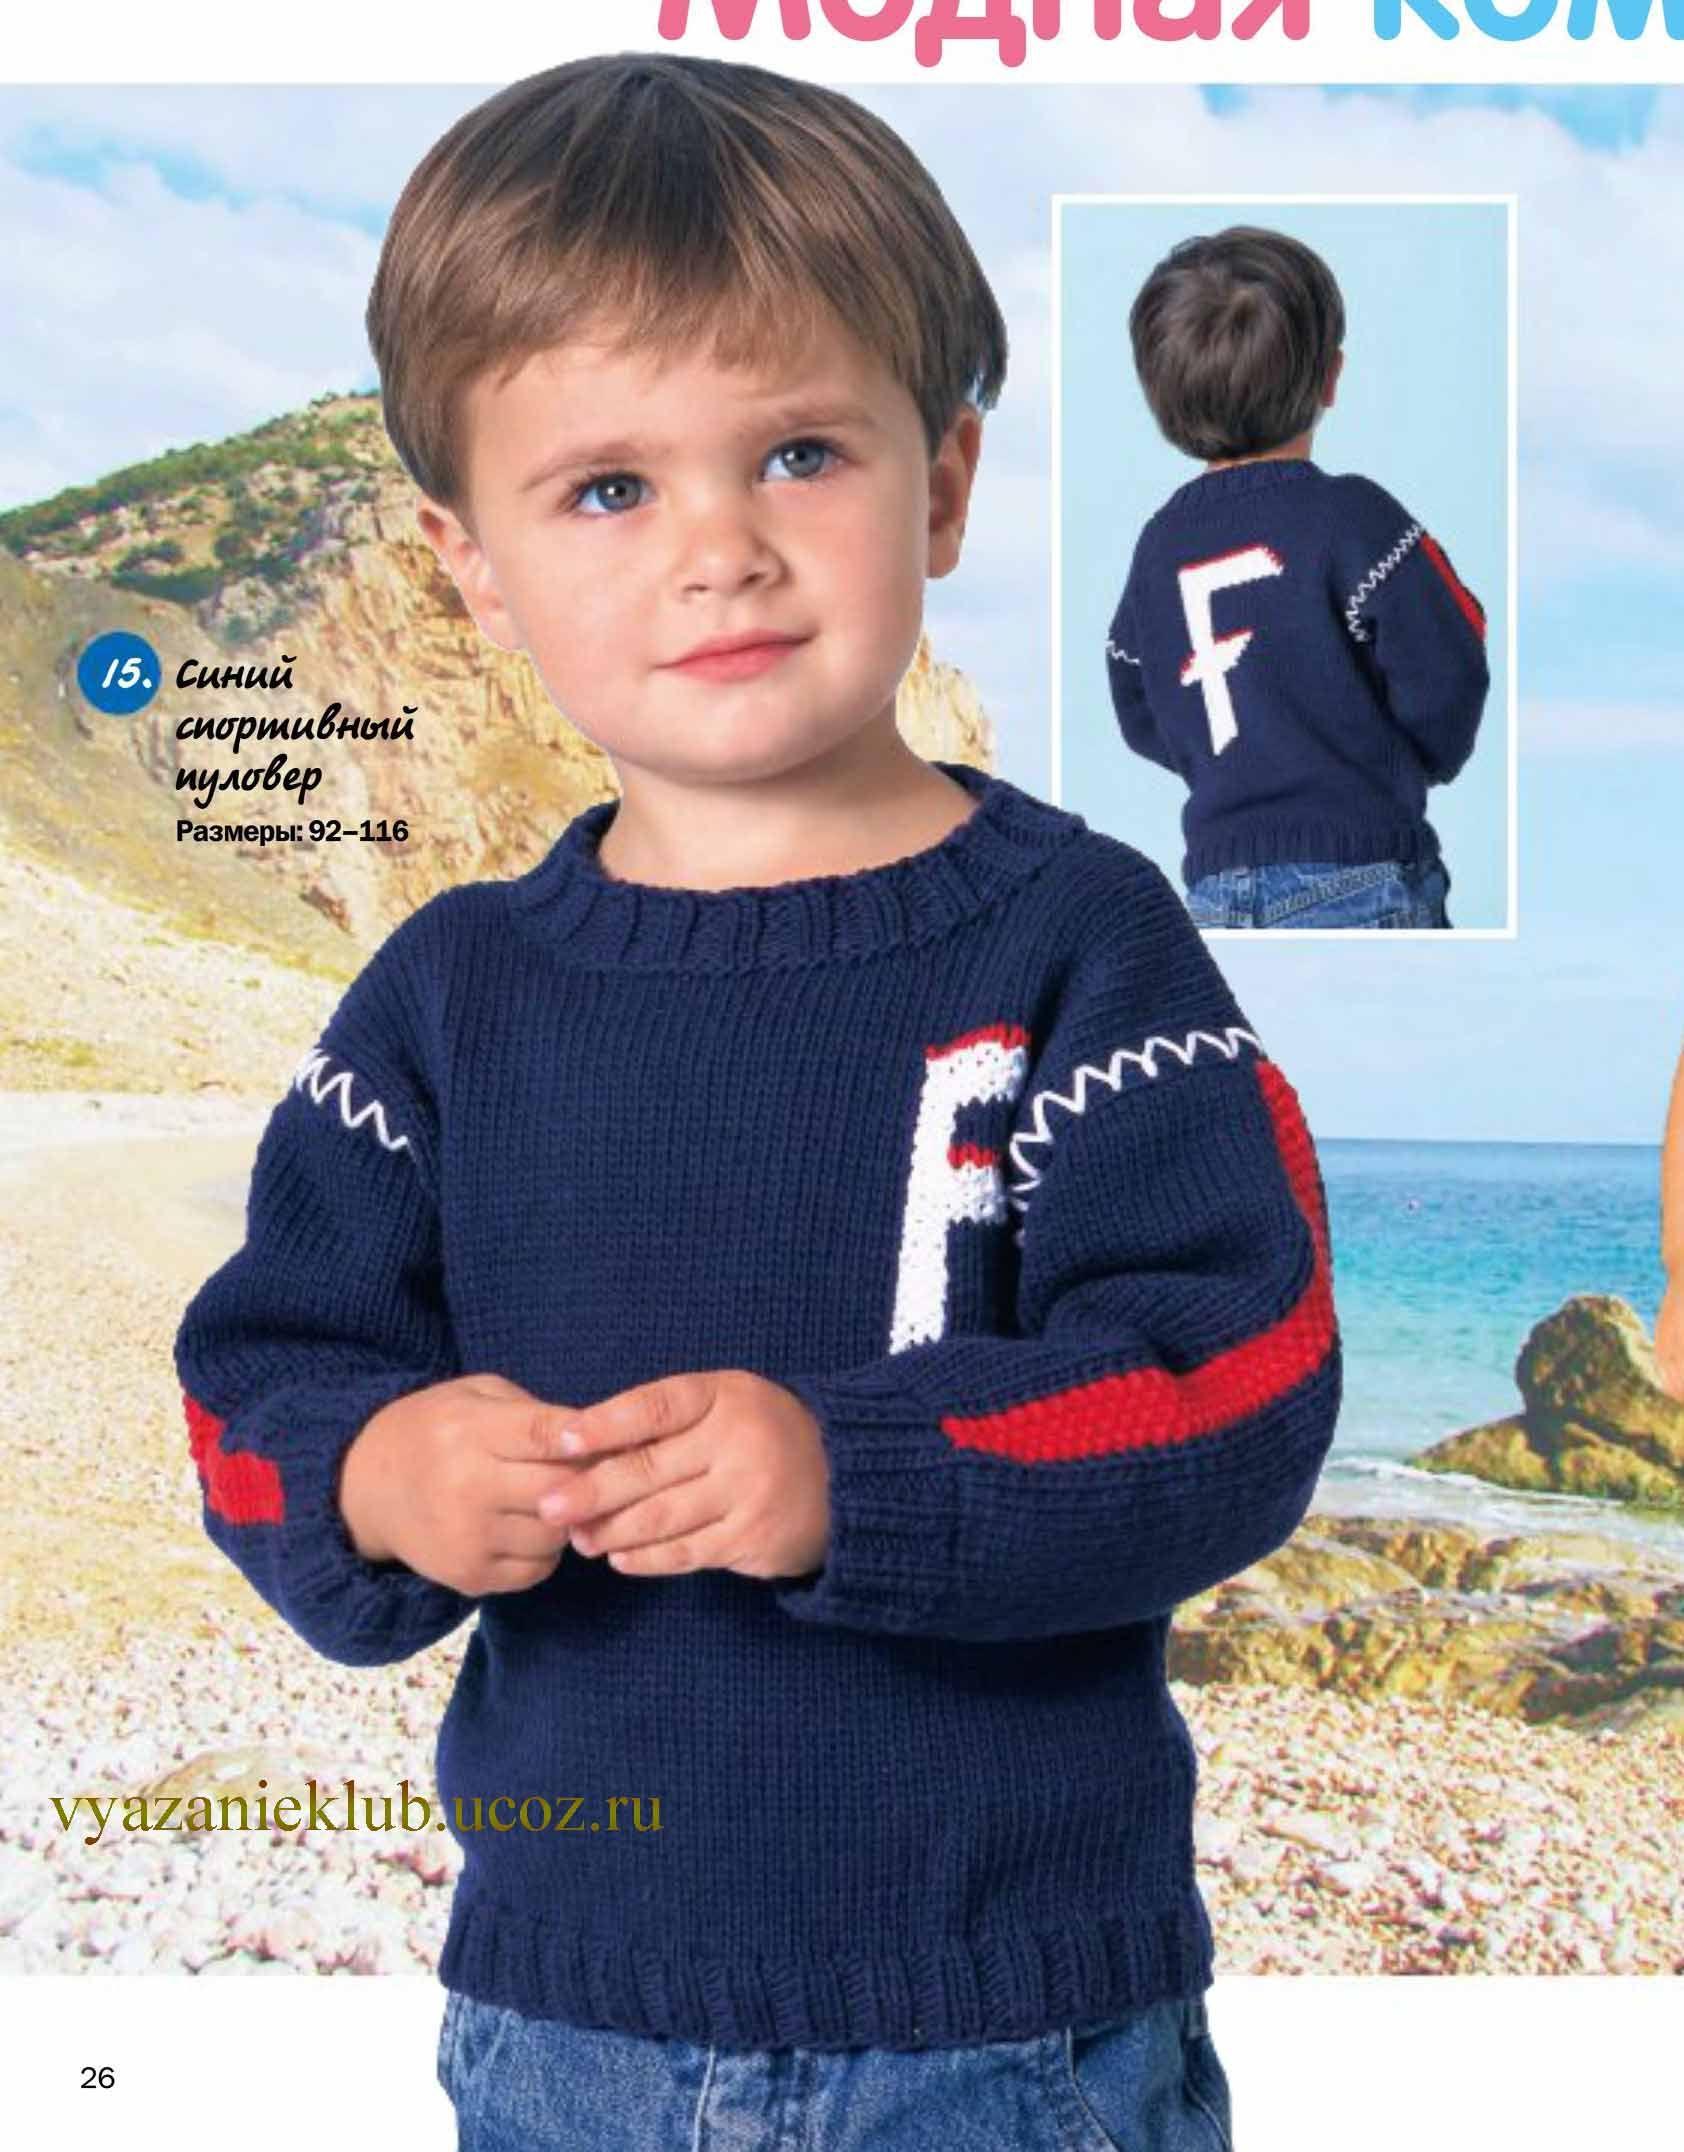 шапка зимняя для мальчика 5 лет вязаная спицами схема и описание